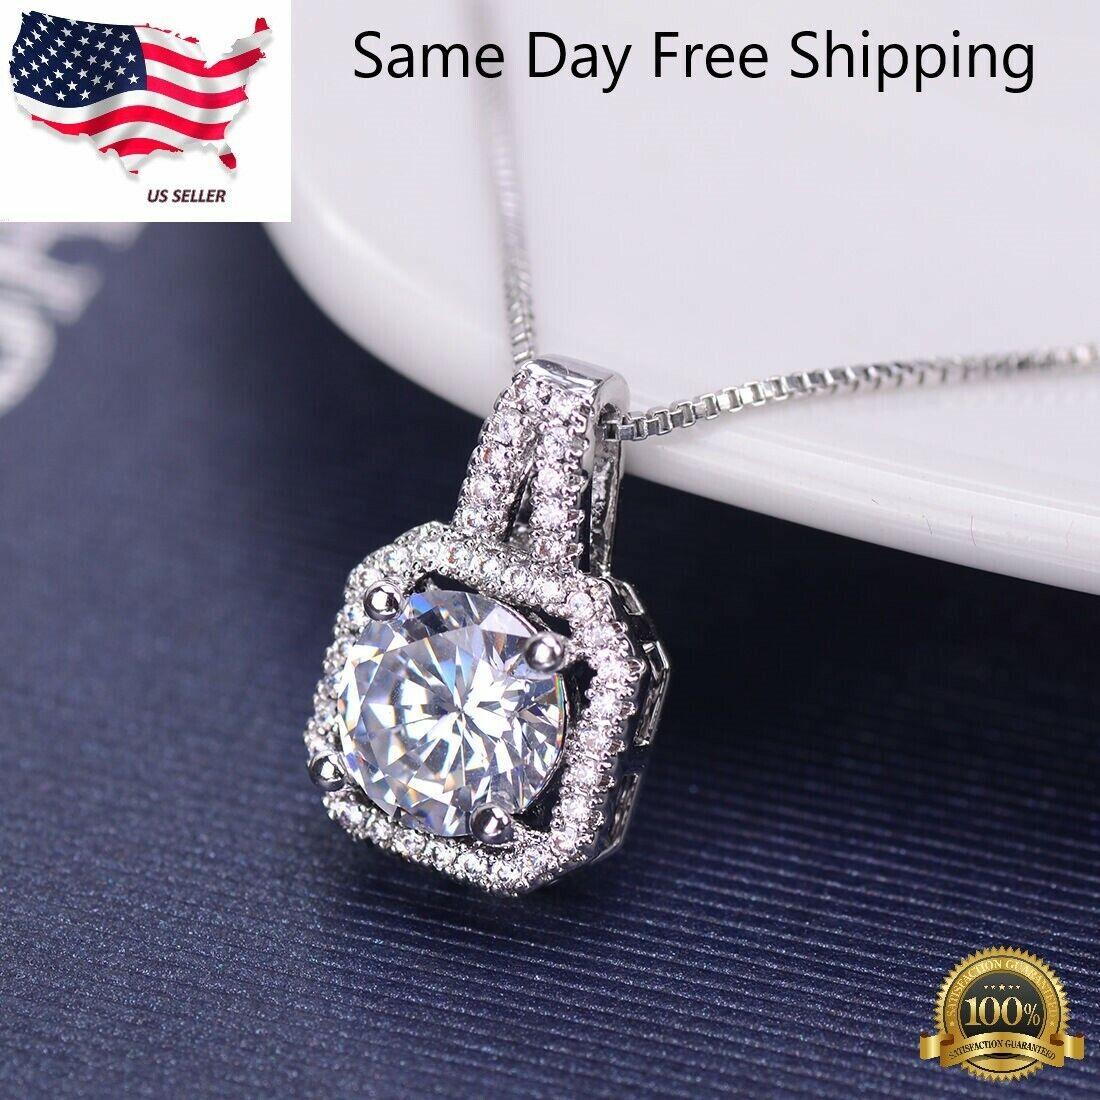 Jewellery - Fashion Women Pendant Crystal Choker Chunky Statement Chain Bib Necklace Jewelry